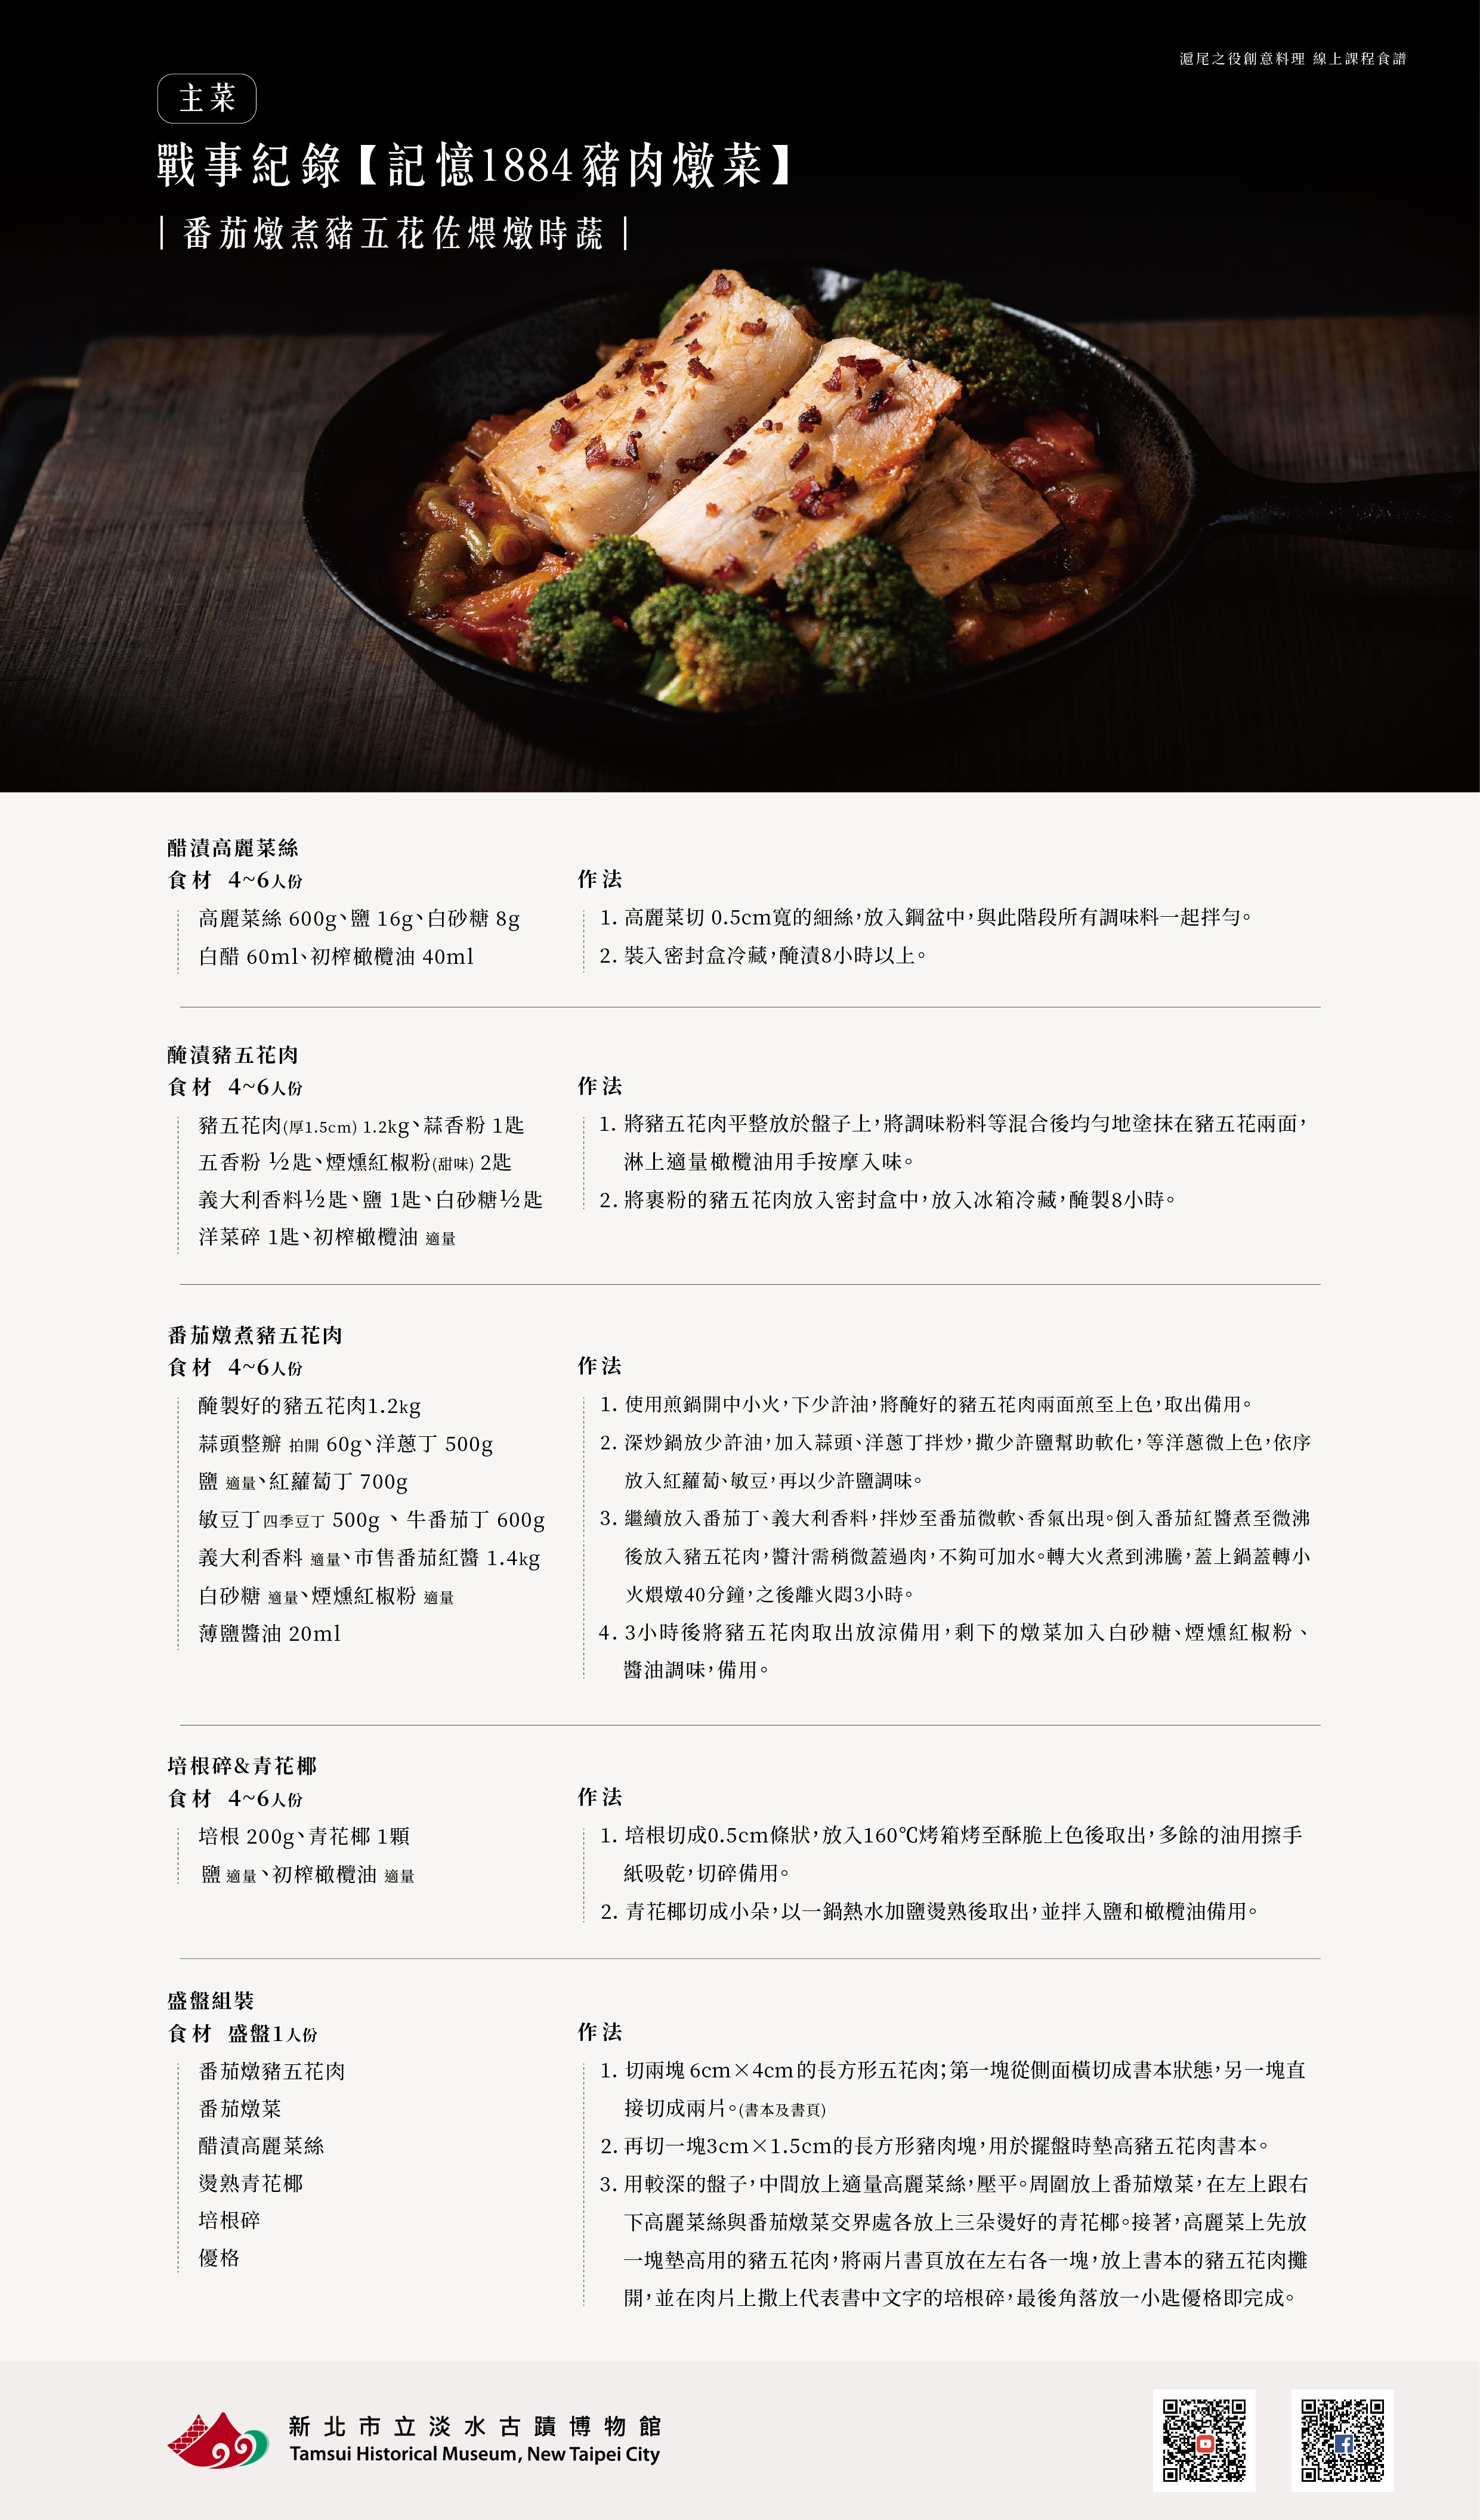 食譜-記憶1884豬肉燉菜